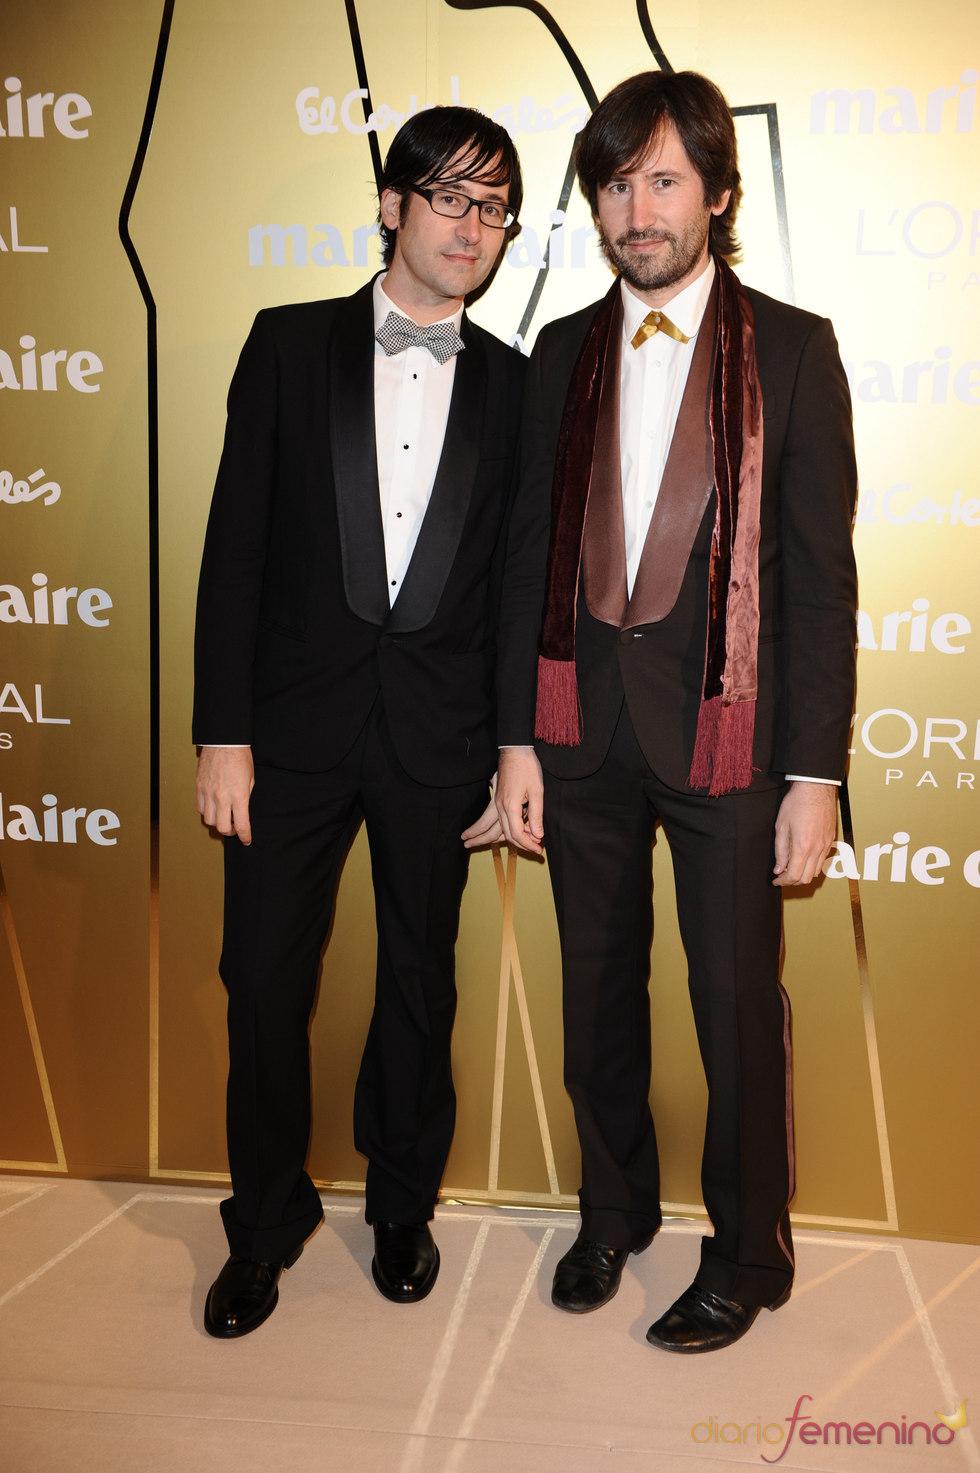 Ailanto en los Premios Marie Claire 2010